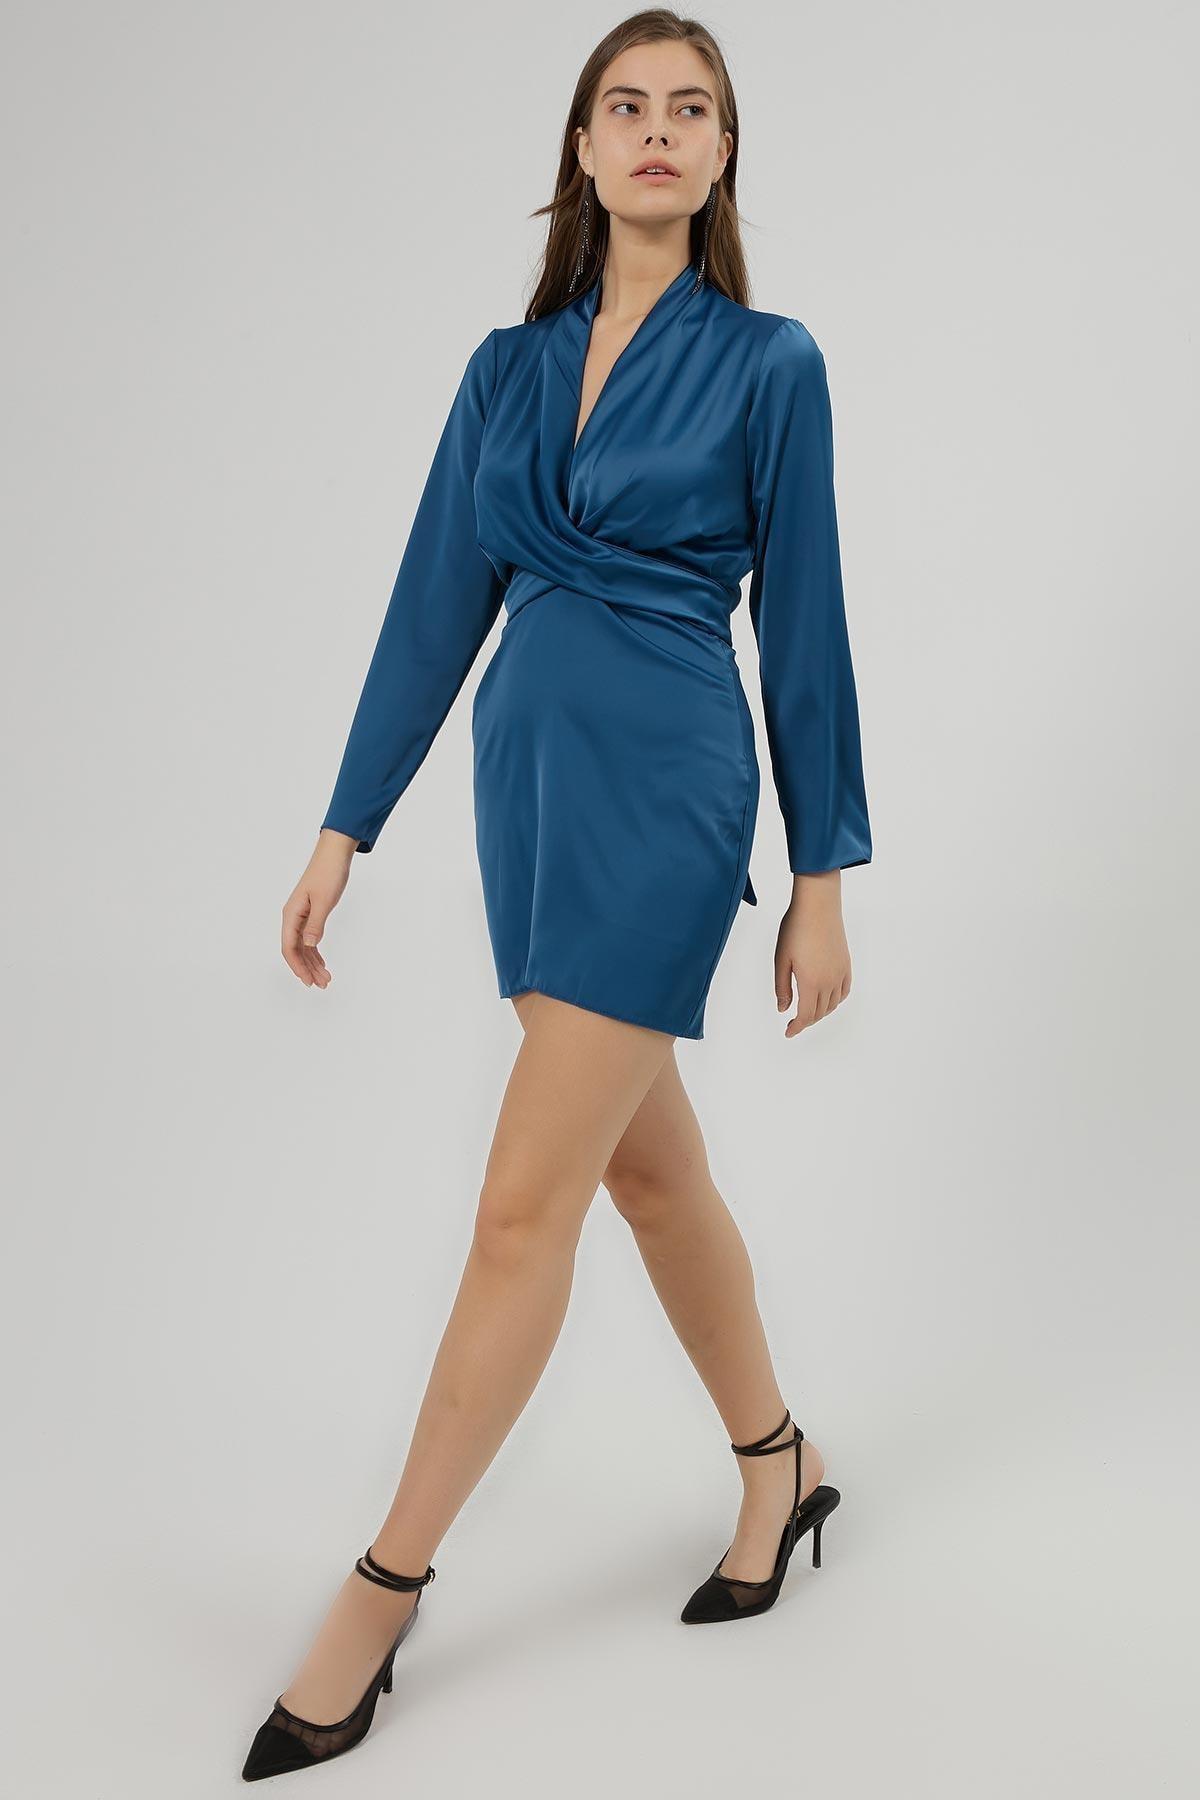 Pattaya Kadın Kruvaze Yaka Bağlamalı Saten Elbise Y20w180-6541 2